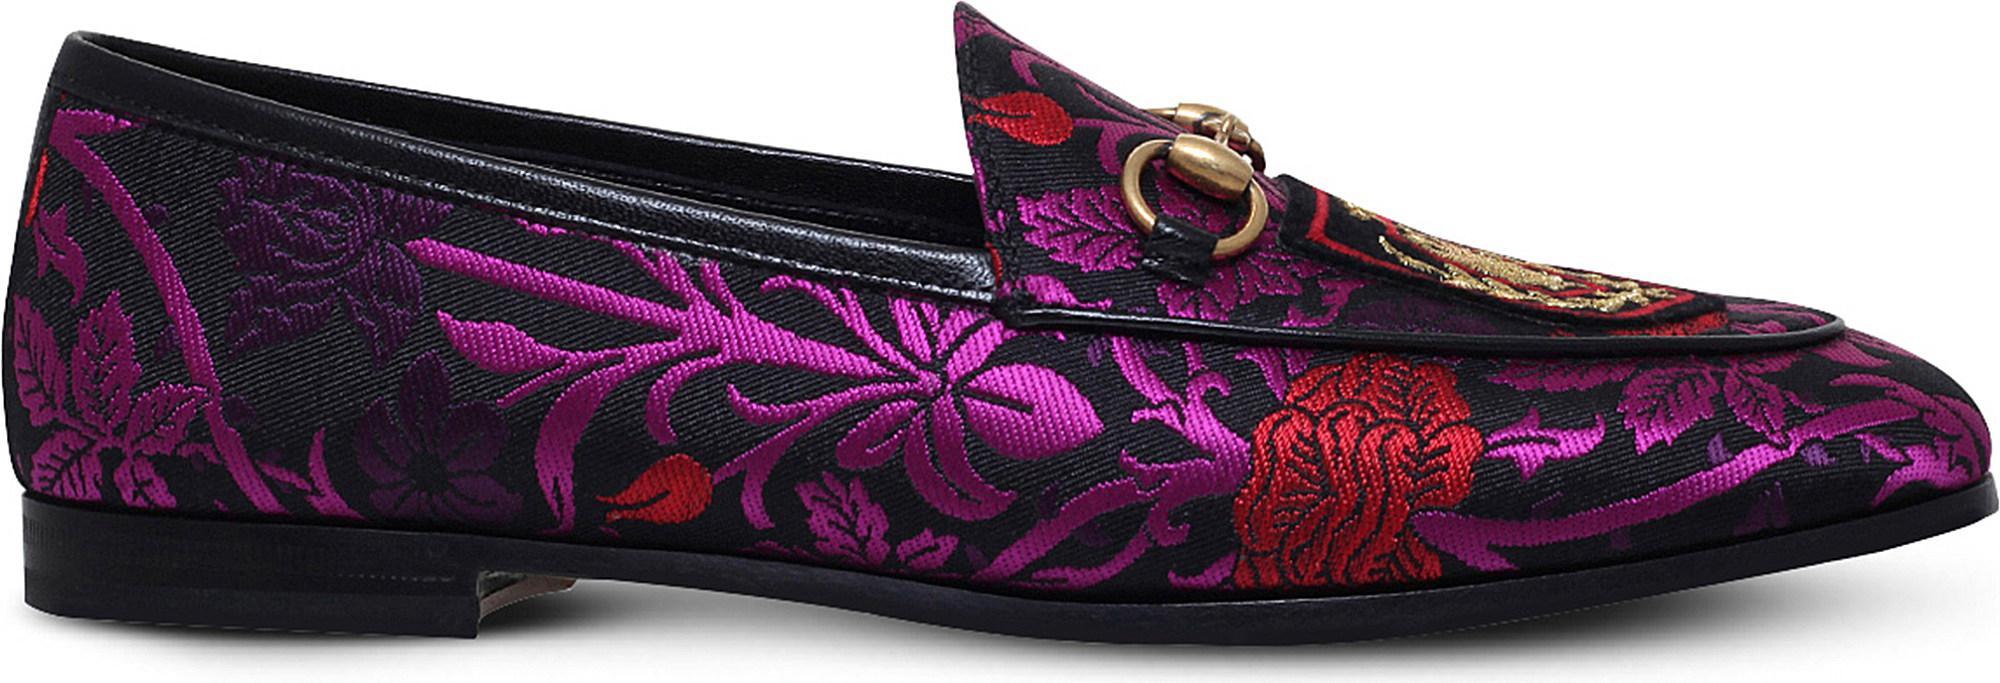 98a3f98db96 Lyst - Gucci New Jordaan Jacquard Loafers in Purple